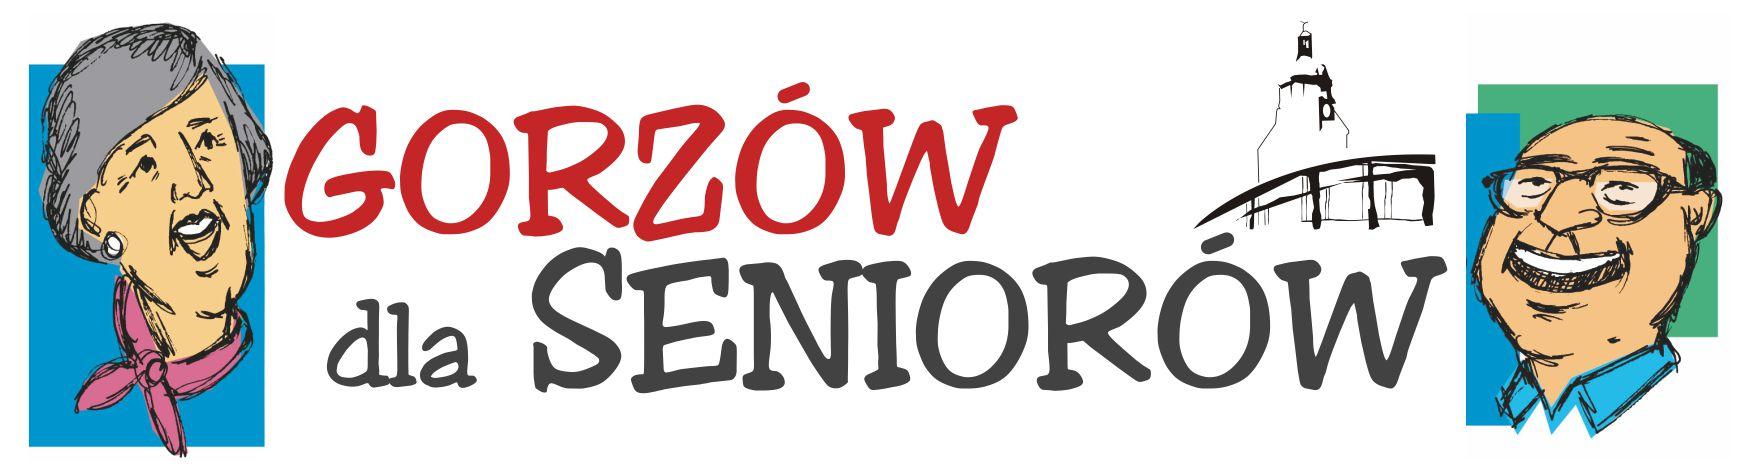 gorzow_dla_seniora_net1